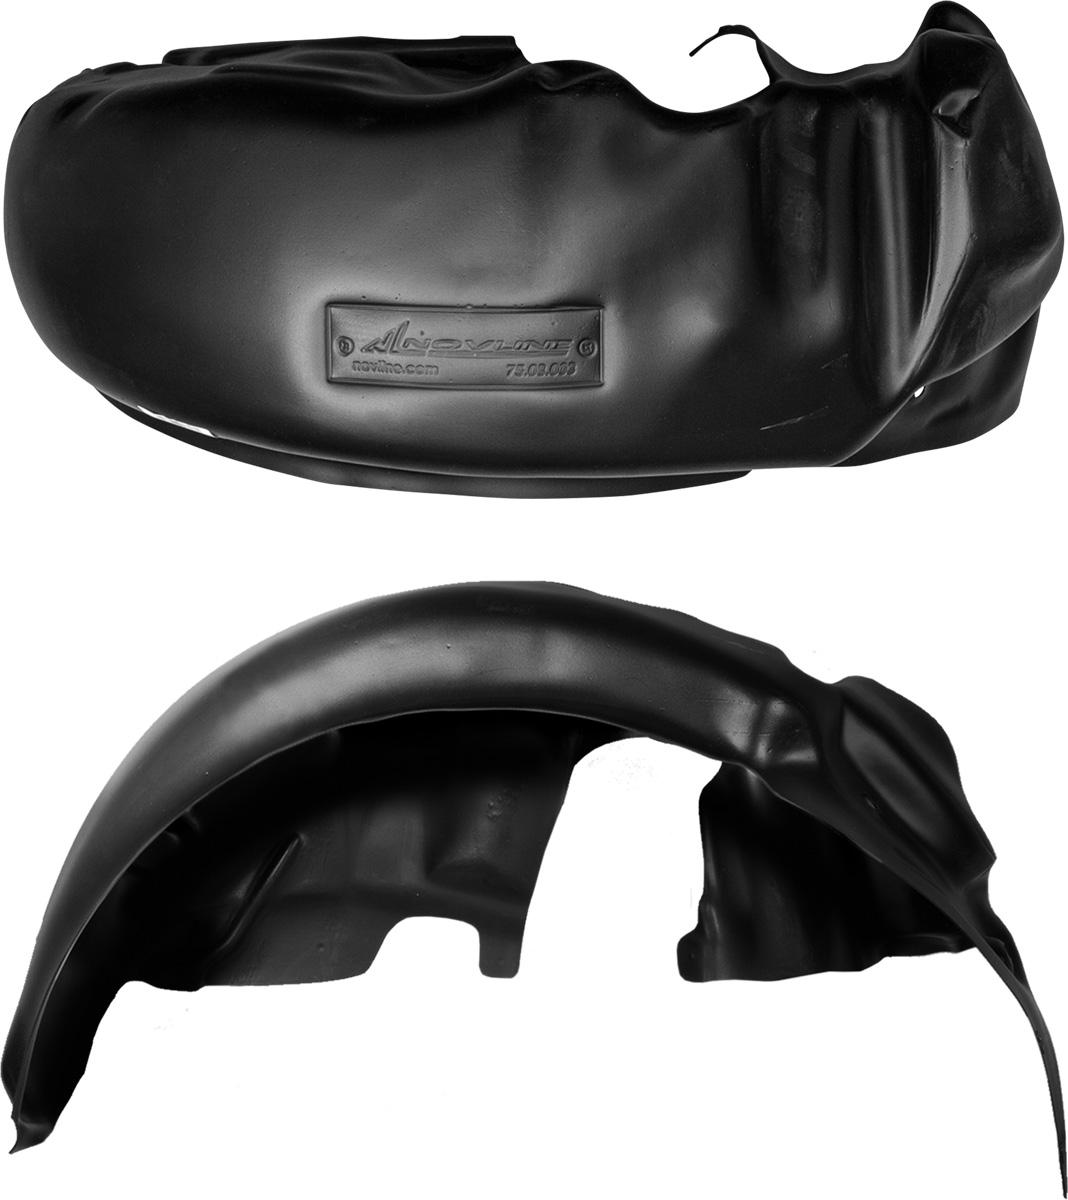 Подкрылок Novline-Autofamily, для УАЗ 3741, 1990->, передний левыйNLL.54.02.001Колесные ниши - одни из самых уязвимых зон днища вашего автомобиля. Они постоянно подвергаются воздействию со стороны дороги. Лучшая, почти абсолютная защита для них - специально отформованные пластиковые кожухи, которые называются подкрылками. Производятся они как для отечественных моделей автомобилей, так и для иномарок. Подкрылки Novline-Autofamily выполнены из высококачественного, экологически чистого пластика. Обеспечивают надежную защиту кузова автомобиля от пескоструйного эффекта и негативного влияния, агрессивных антигололедных реагентов. Пластик обладает более низкой теплопроводностью, чем металл, поэтому в зимний период эксплуатации использование пластиковых подкрылков позволяет лучше защитить колесные ниши от налипания снега и образования наледи. Оригинальность конструкции подчеркивает элегантность автомобиля, бережно защищает нанесенное на днище кузова антикоррозийное покрытие и позволяет осуществить крепление подкрылков внутри колесной арки практически без дополнительного крепежа и сверления, не нарушая при этом лакокрасочного покрытия, что предотвращает возникновение новых очагов коррозии. Подкрылки долговечны, обладают высокой прочностью и сохраняют заданную форму, а также все свои физико-механические характеристики в самых тяжелых климатических условиях (от -50°С до +50°С).Уважаемые клиенты!Обращаем ваше внимание, на тот факт, что подкрылок имеет форму, соответствующую модели данного автомобиля. Фото служит для визуального восприятия товара.